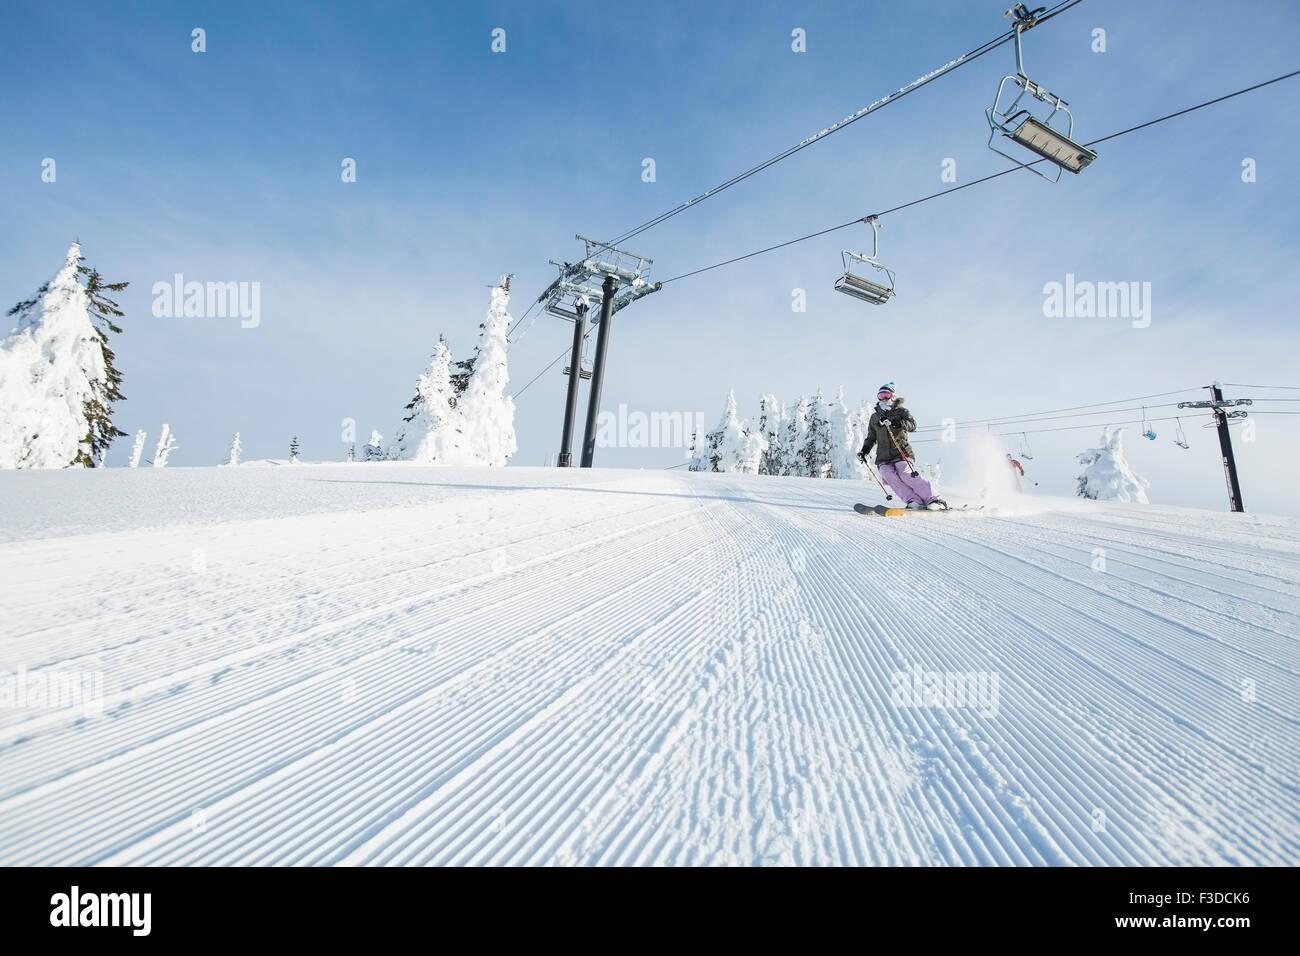 Metà donna adulta sulla pista da sci sotto il cavo auto Immagini Stock